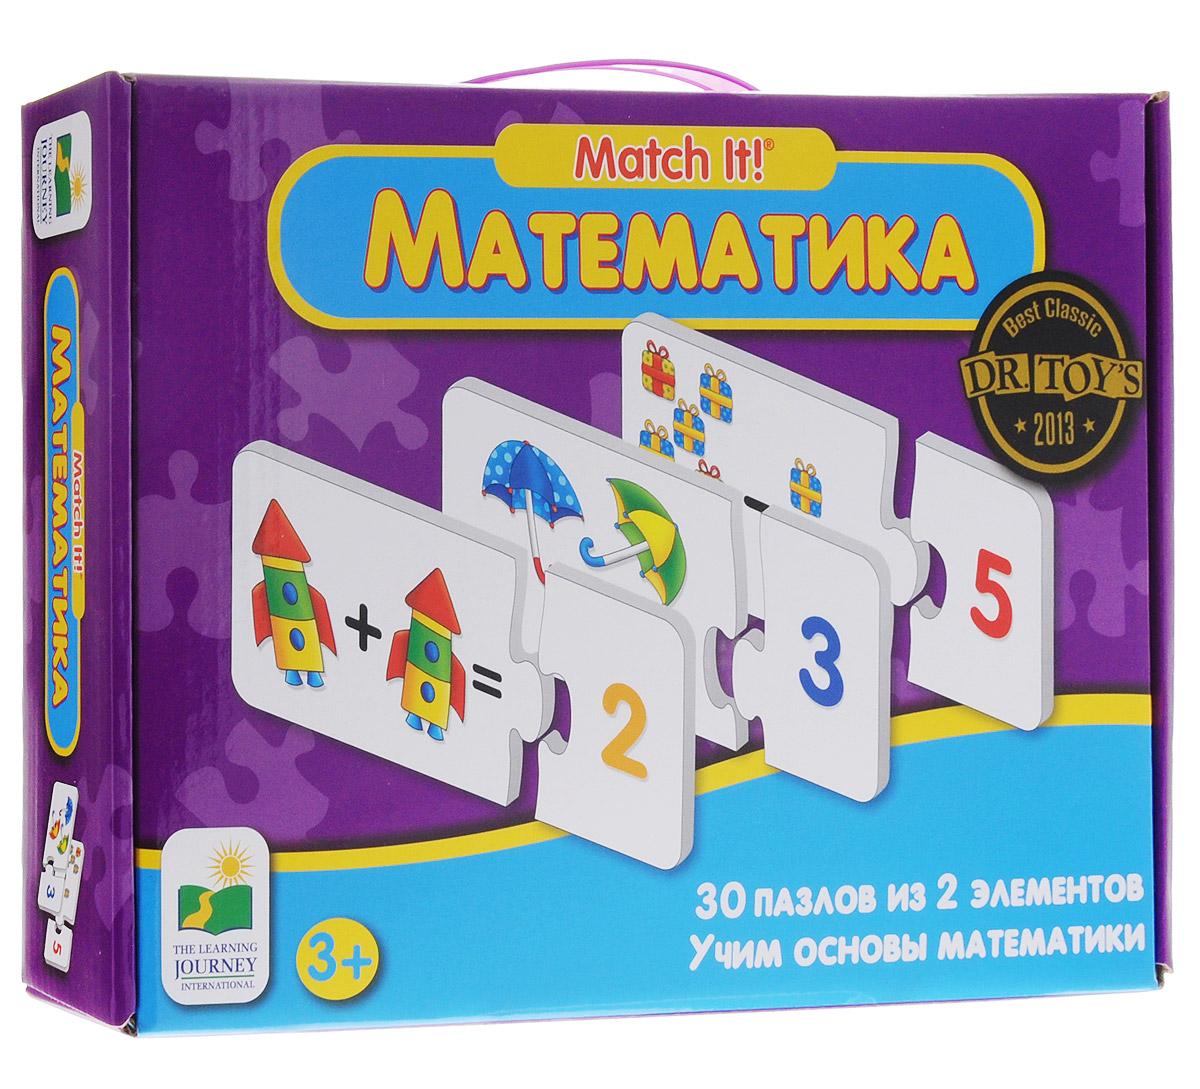 Learning Journey Пазл для малышей Математика 30 в 1288528Удивительный пазл для малышей Learning Journey Математика - отличный развивающий подарок вашему малышу! Теперь развиваться будет легко и весело! Собрав этот пазл, включающий в себя 60 элементов, вы получите 30 картинок. На одной половине картинок изображены различные предметы, на другой цифры. Ребенку предстоит логически сопоставить половинки друг с другом, подсчитывая количество предметов или выполняя простые арифметические действия - сложение и вычитание. Пазл научит ребенка усидчивости, умению доводить начатое дело до конца, поможет развить внимание, память, образное и логическое мышления, сенсорно-моторную координацию движения рук. Крупная и яркая форма собираемых элементов картинки способствуют развитию мелкой моторики, которая напрямую влияет на развитие речи и интеллектуальных способностей. В дальнейшем хорошая координация движений рук поможет ребенку легко овладеть письмом.